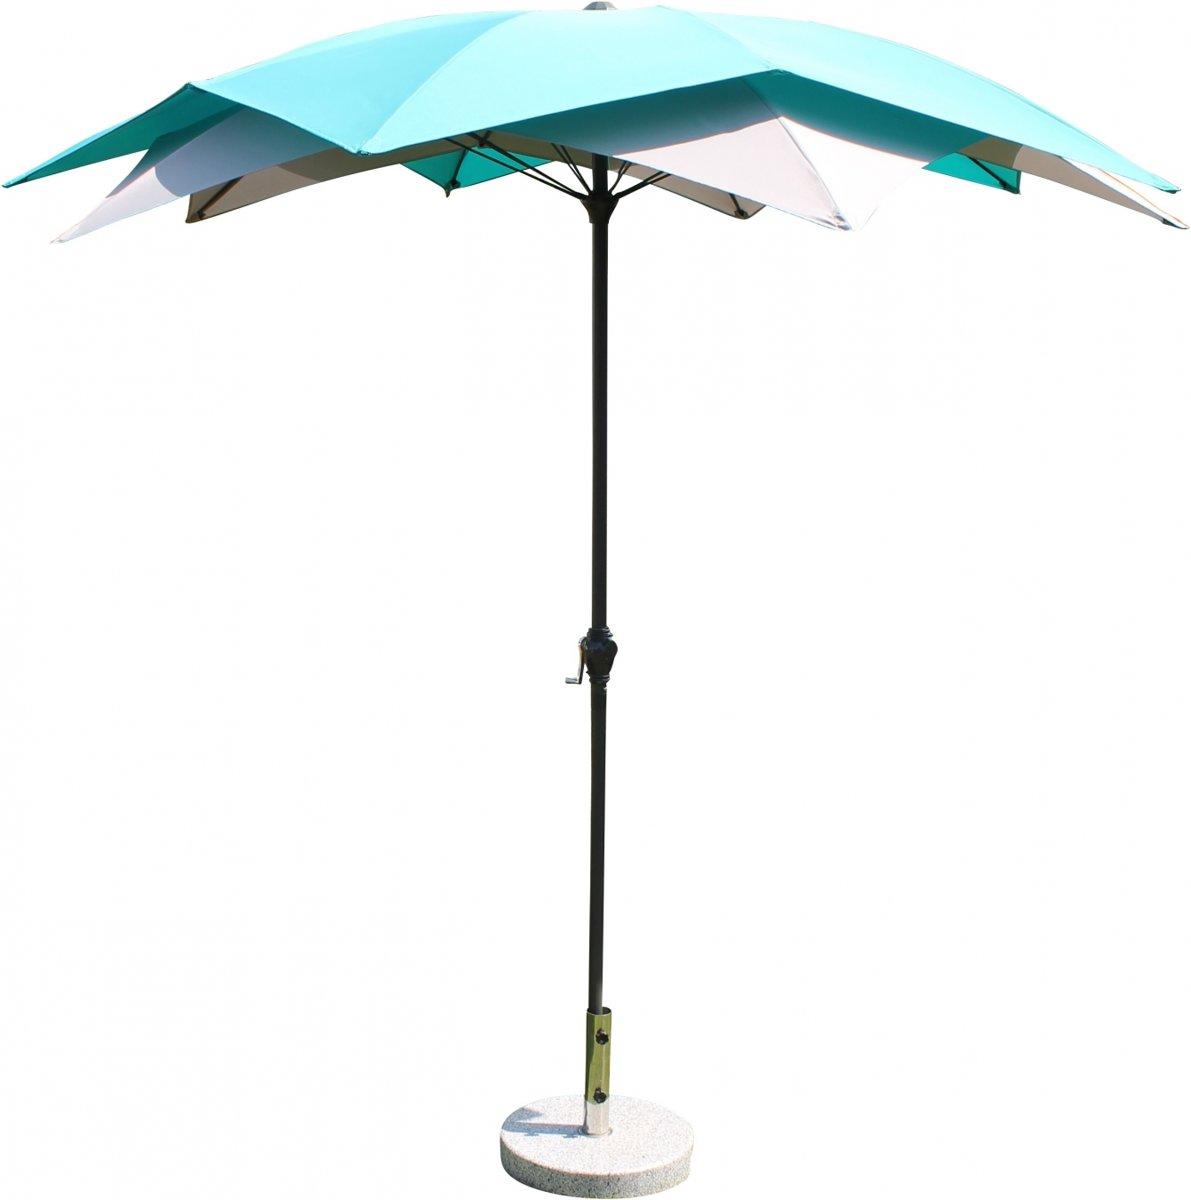 Leco parasol Bloei Turqoise-grijs 270 cm (20700 109)